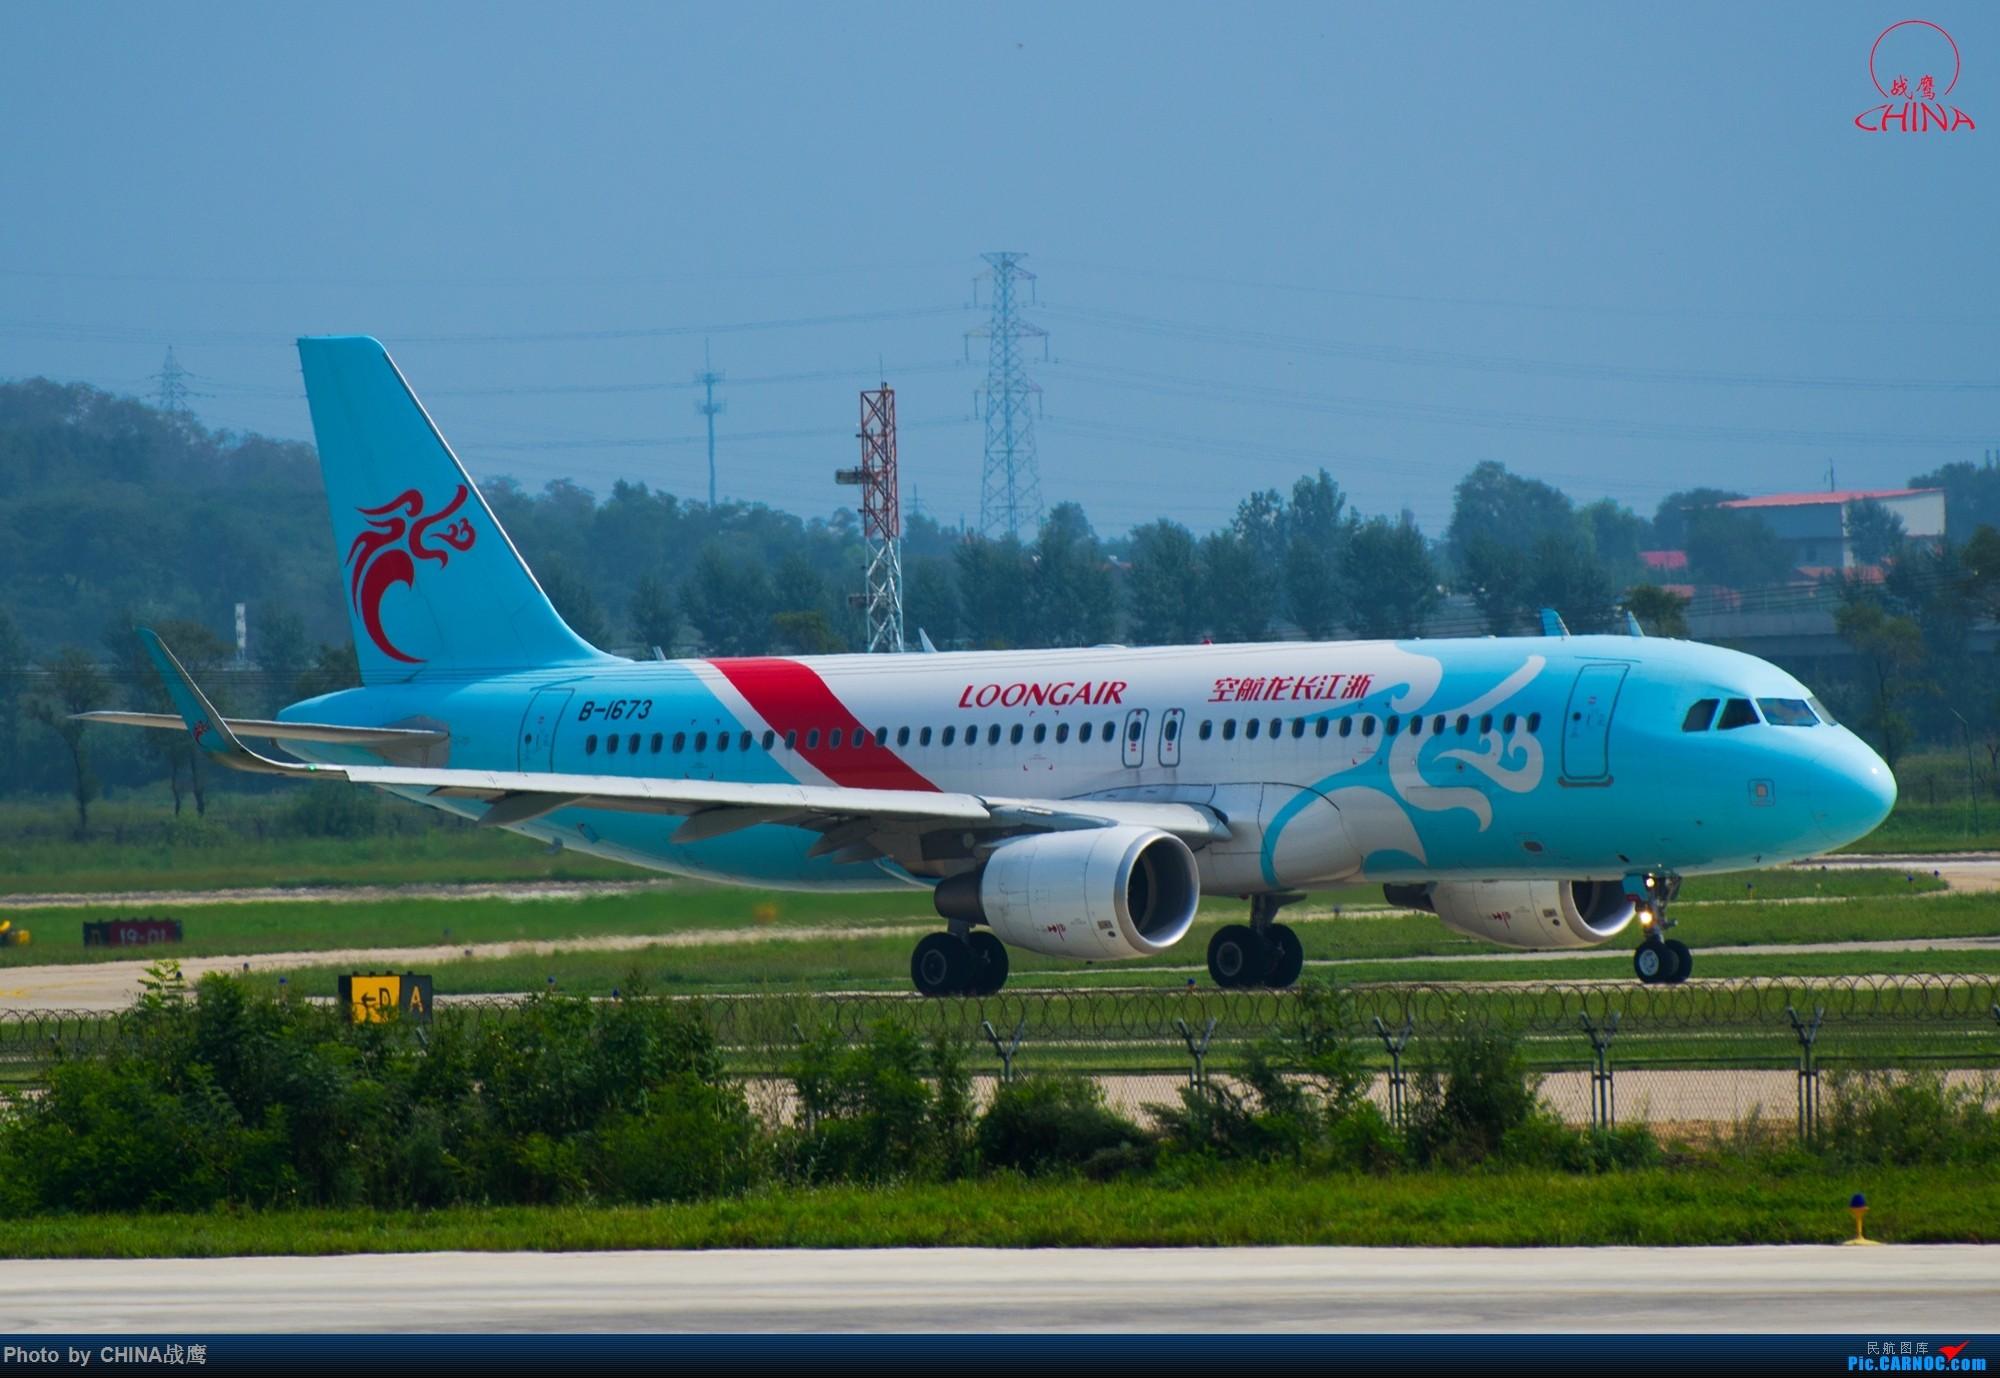 Re:[原创]拍飞机的乐趣 AIRBUS A320-200 B-1673 中国沈阳桃仙国际机场